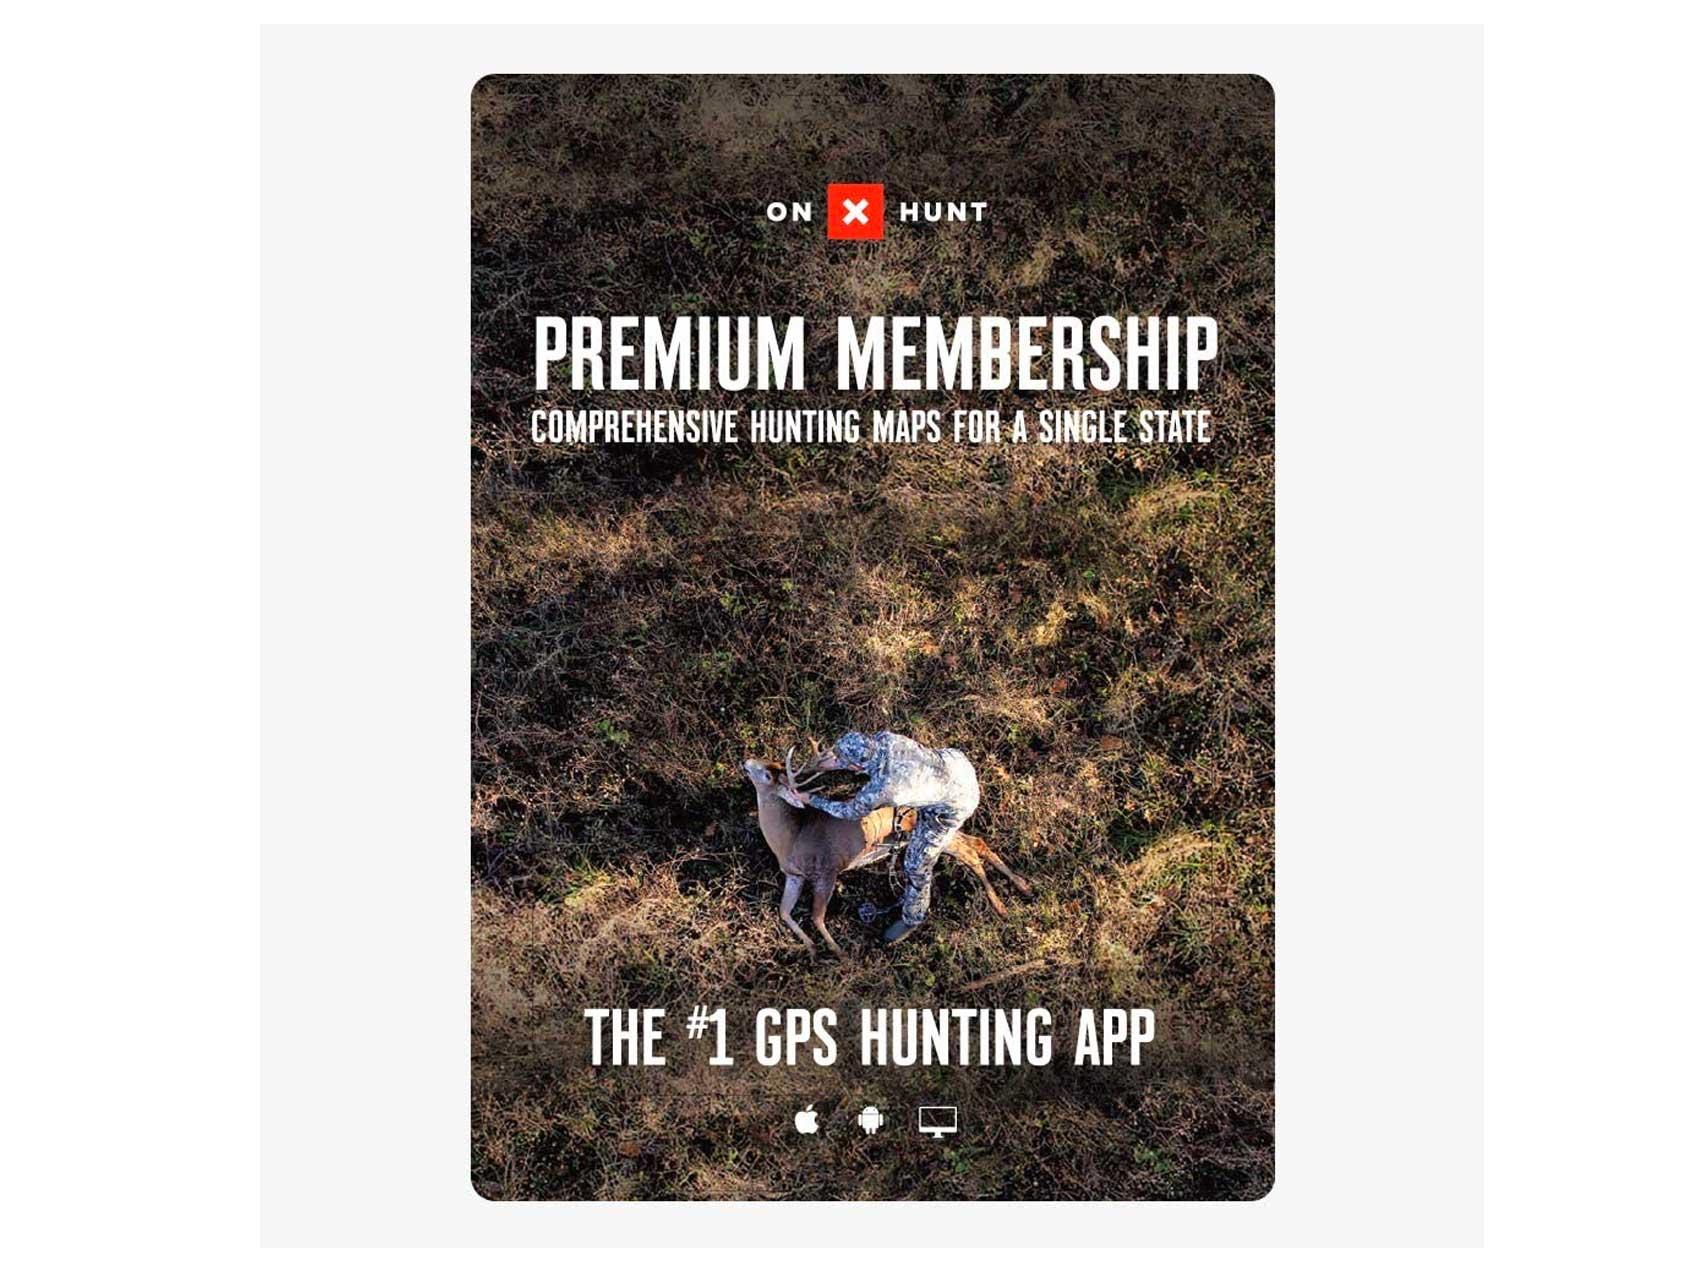 onX Hunt Premium App: Digital Map Membership for Phone, Tablet, and Computer